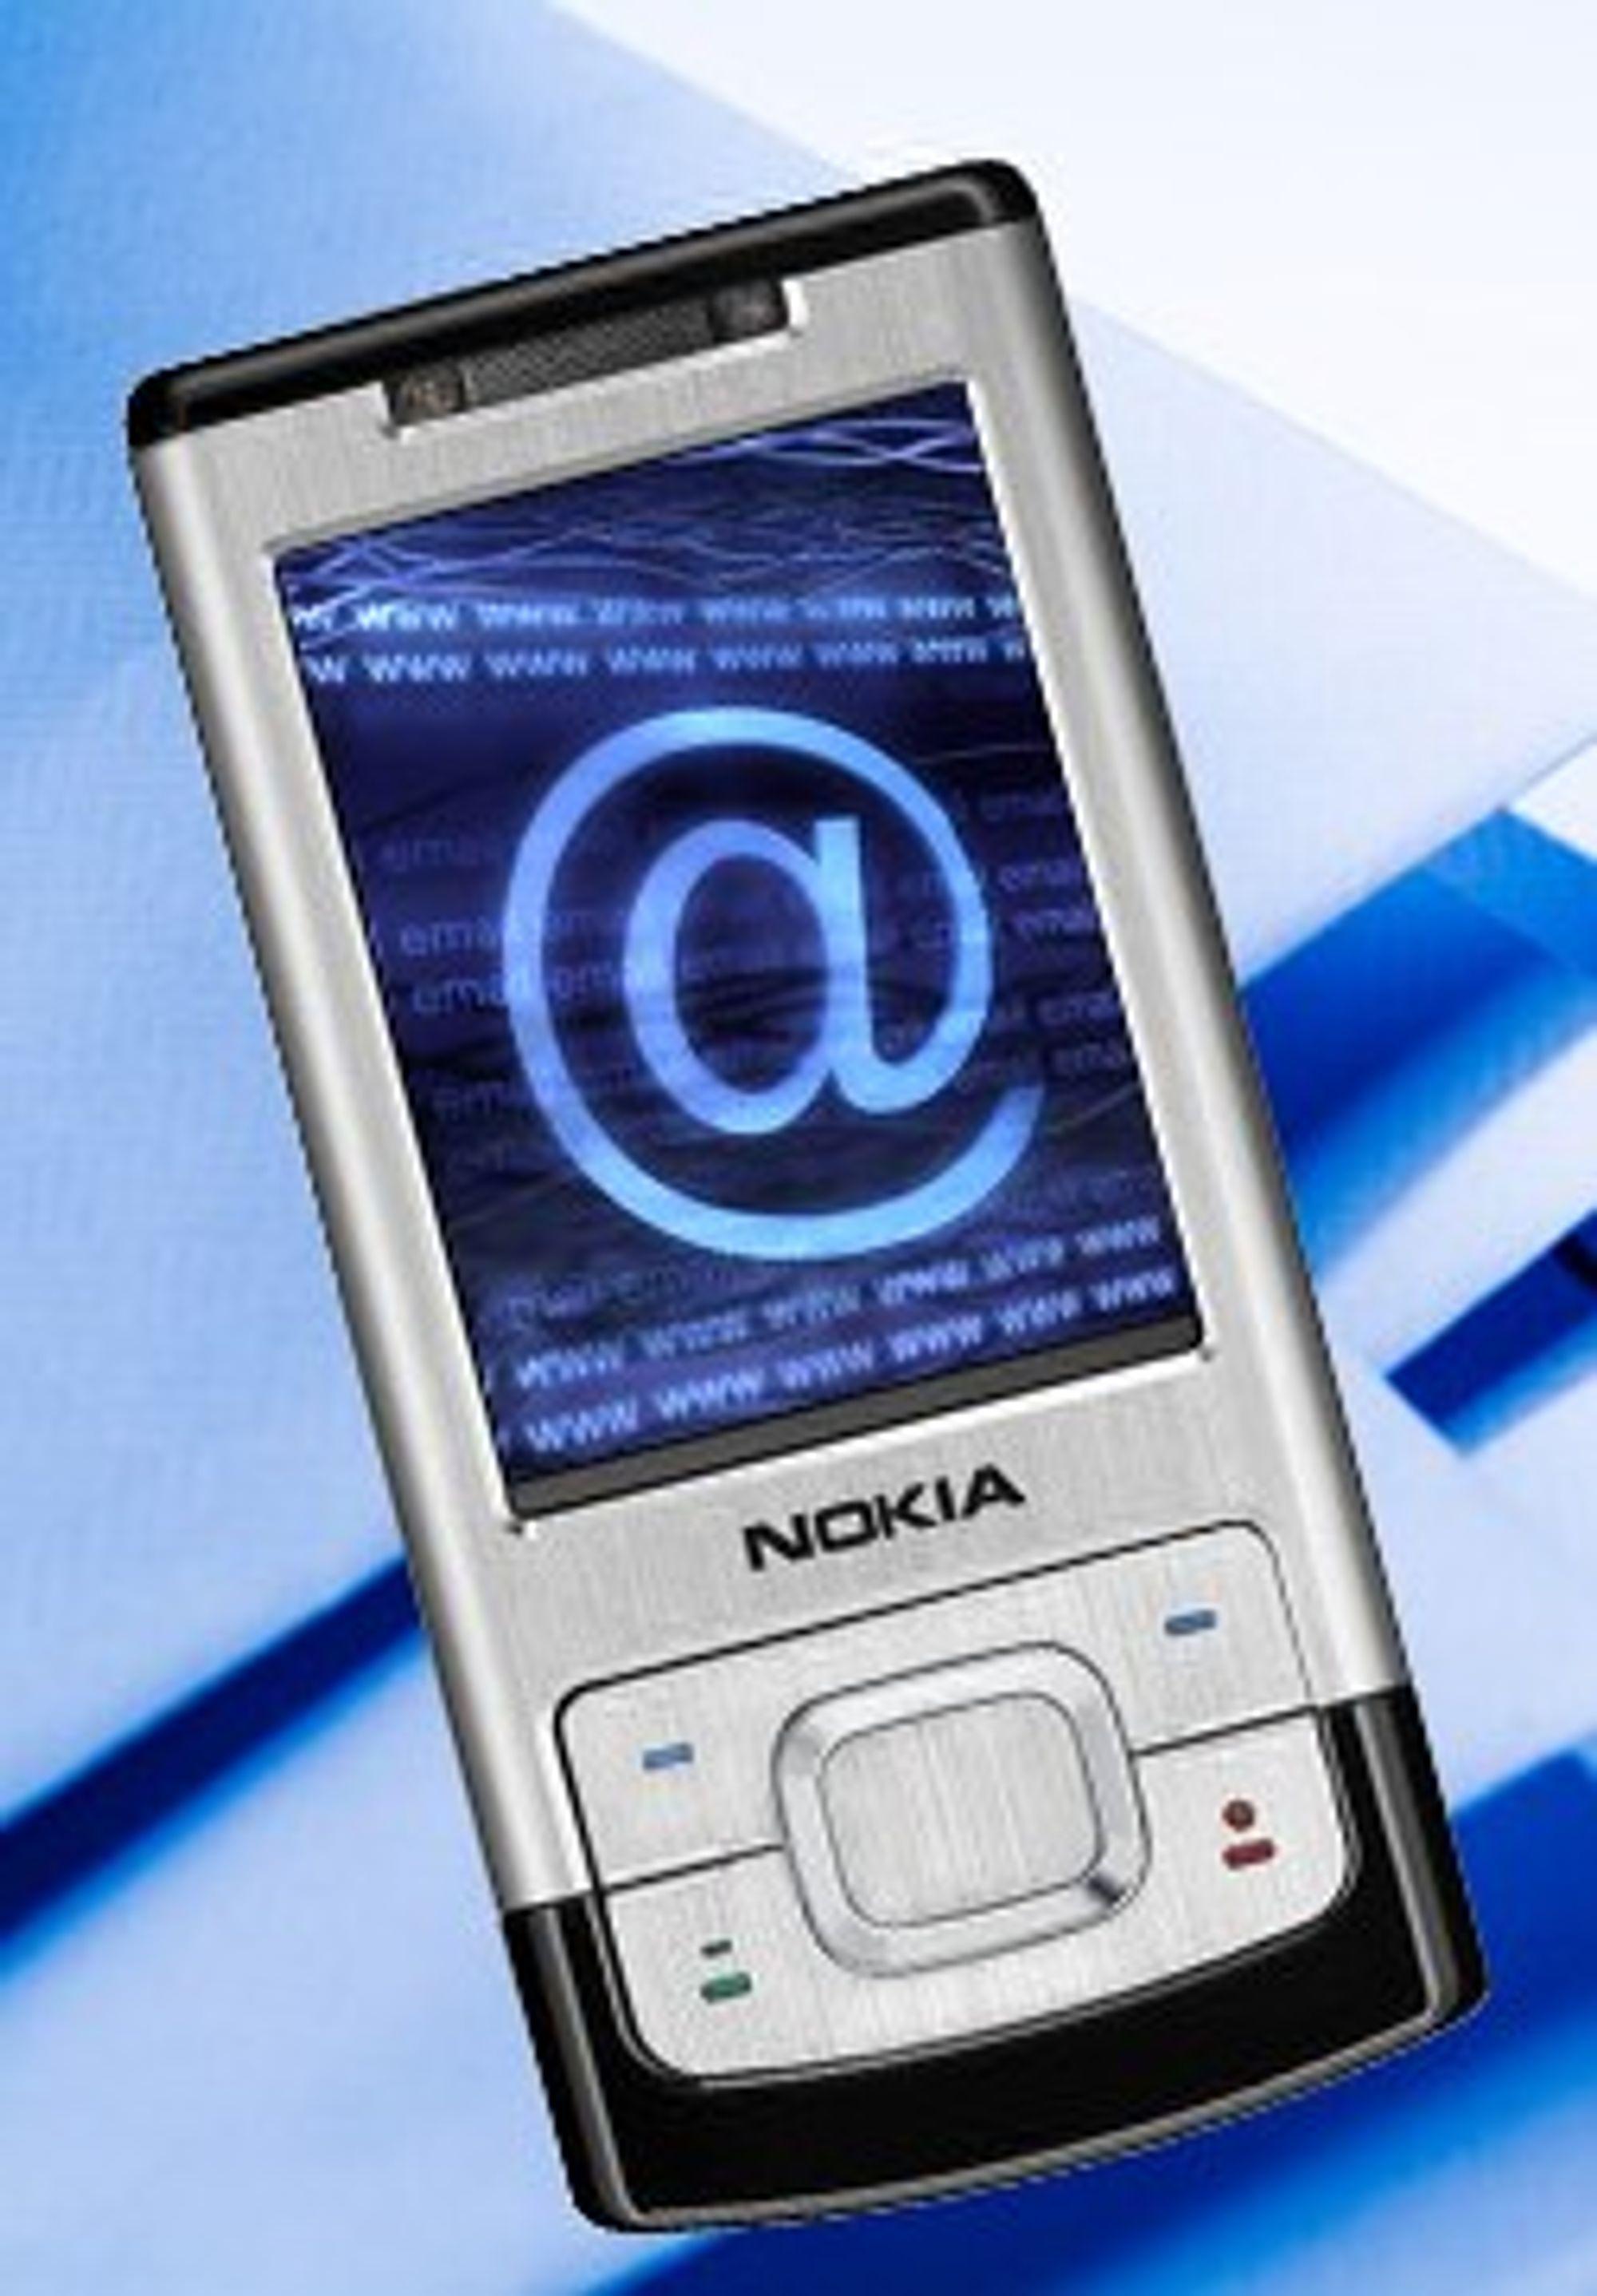 Mobiler er ofte utmerket gode e-postlesere.